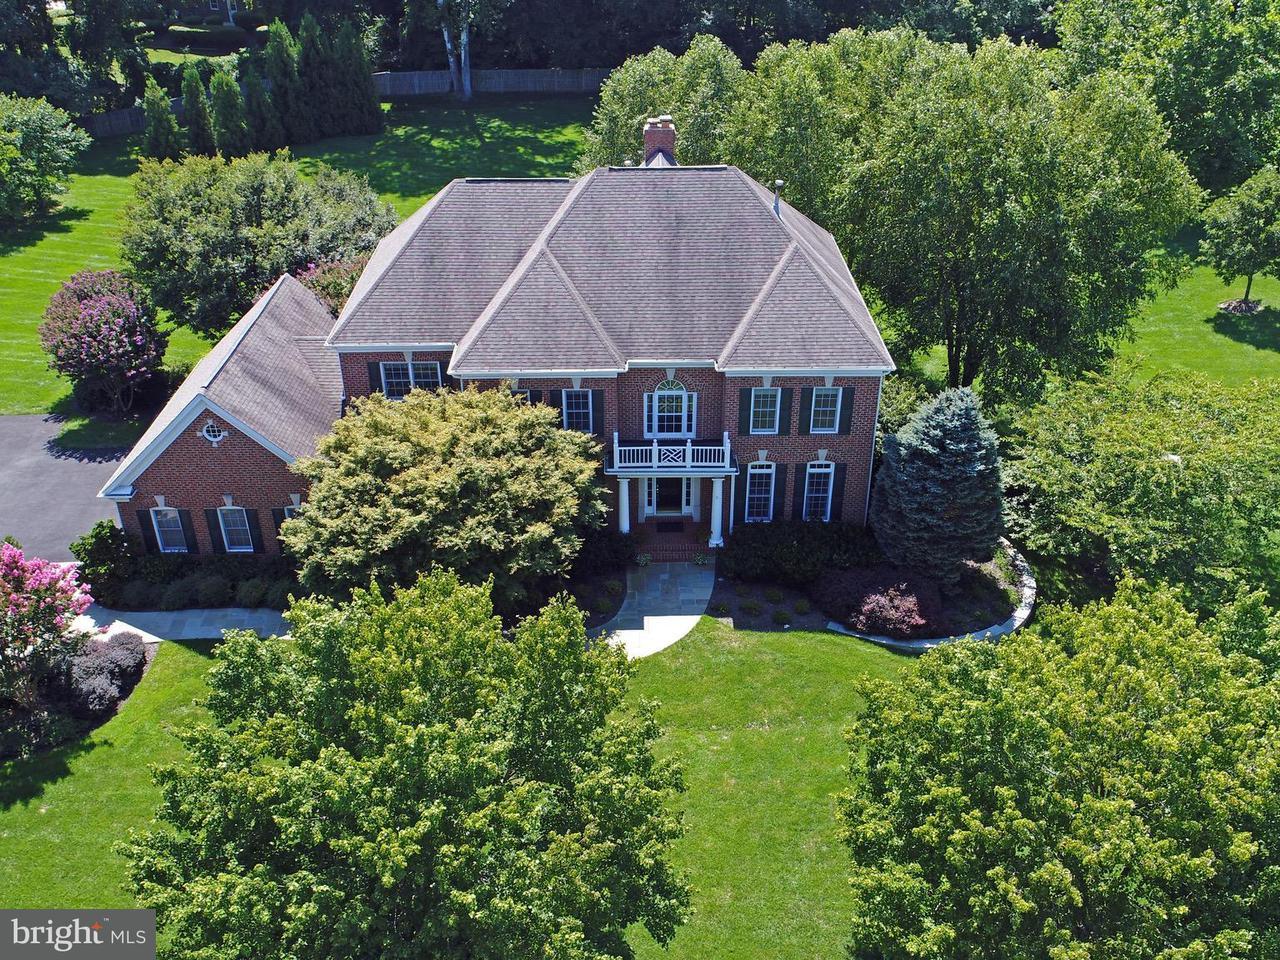 獨棟家庭住宅 為 出售 在 2796 MARSHALL LAKE Drive 2796 MARSHALL LAKE Drive Oakton, 弗吉尼亞州 22124 美國